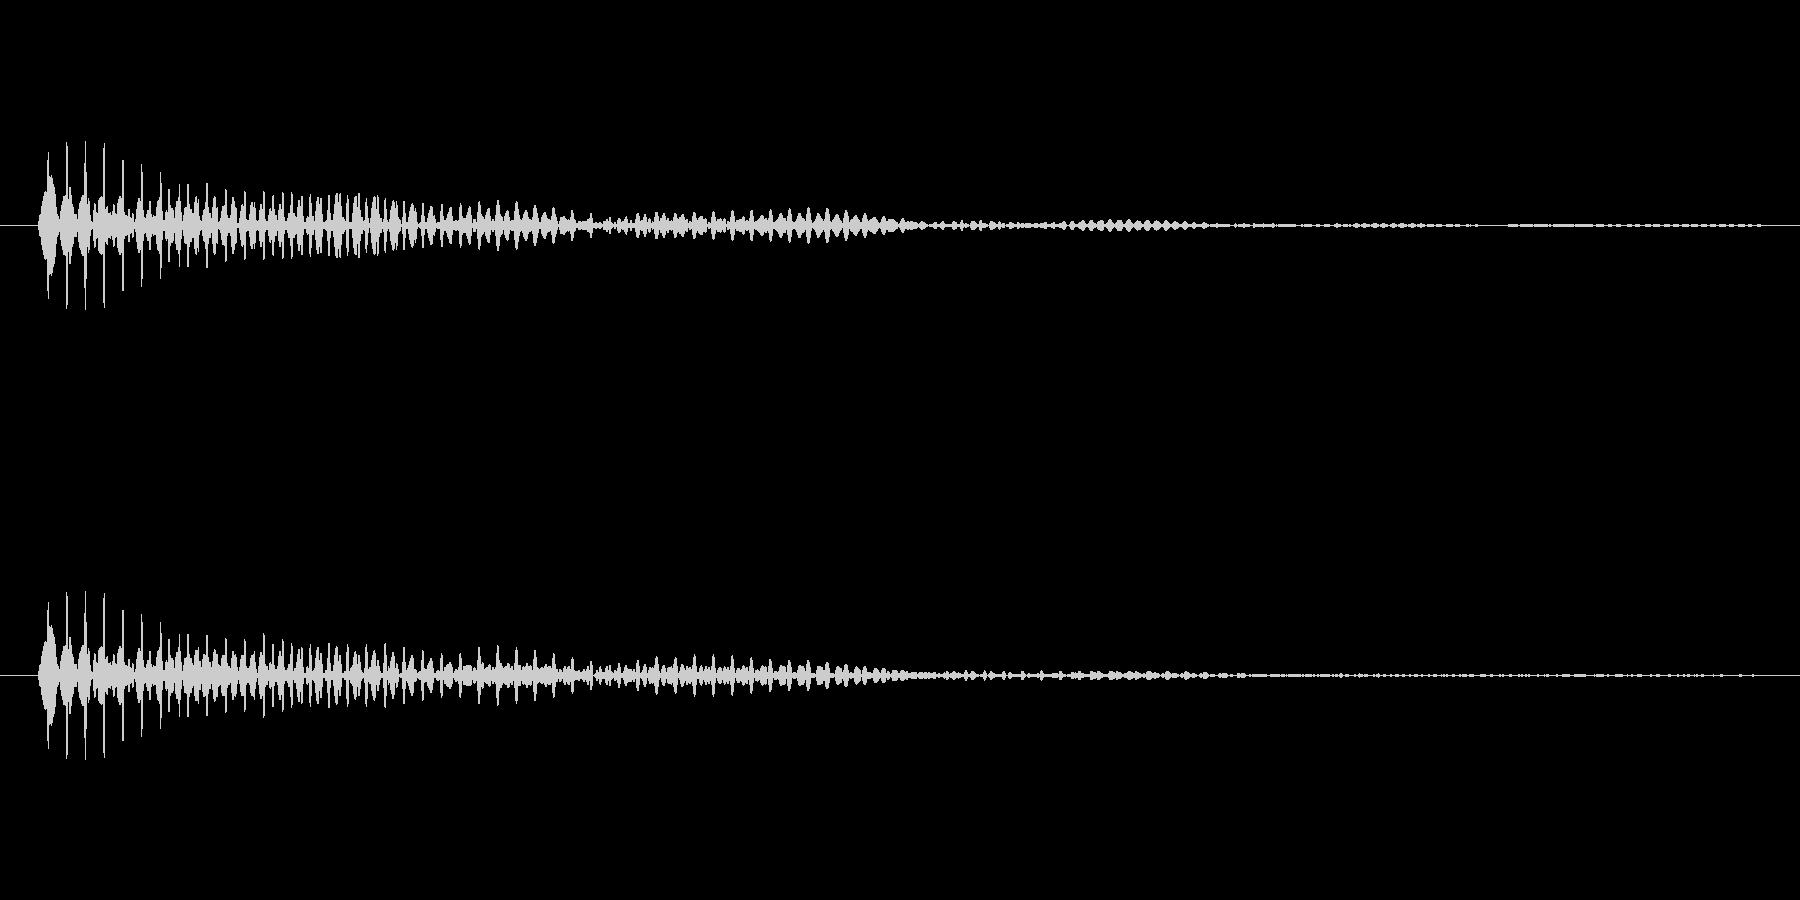 「ブンッ」という効果音ですの未再生の波形